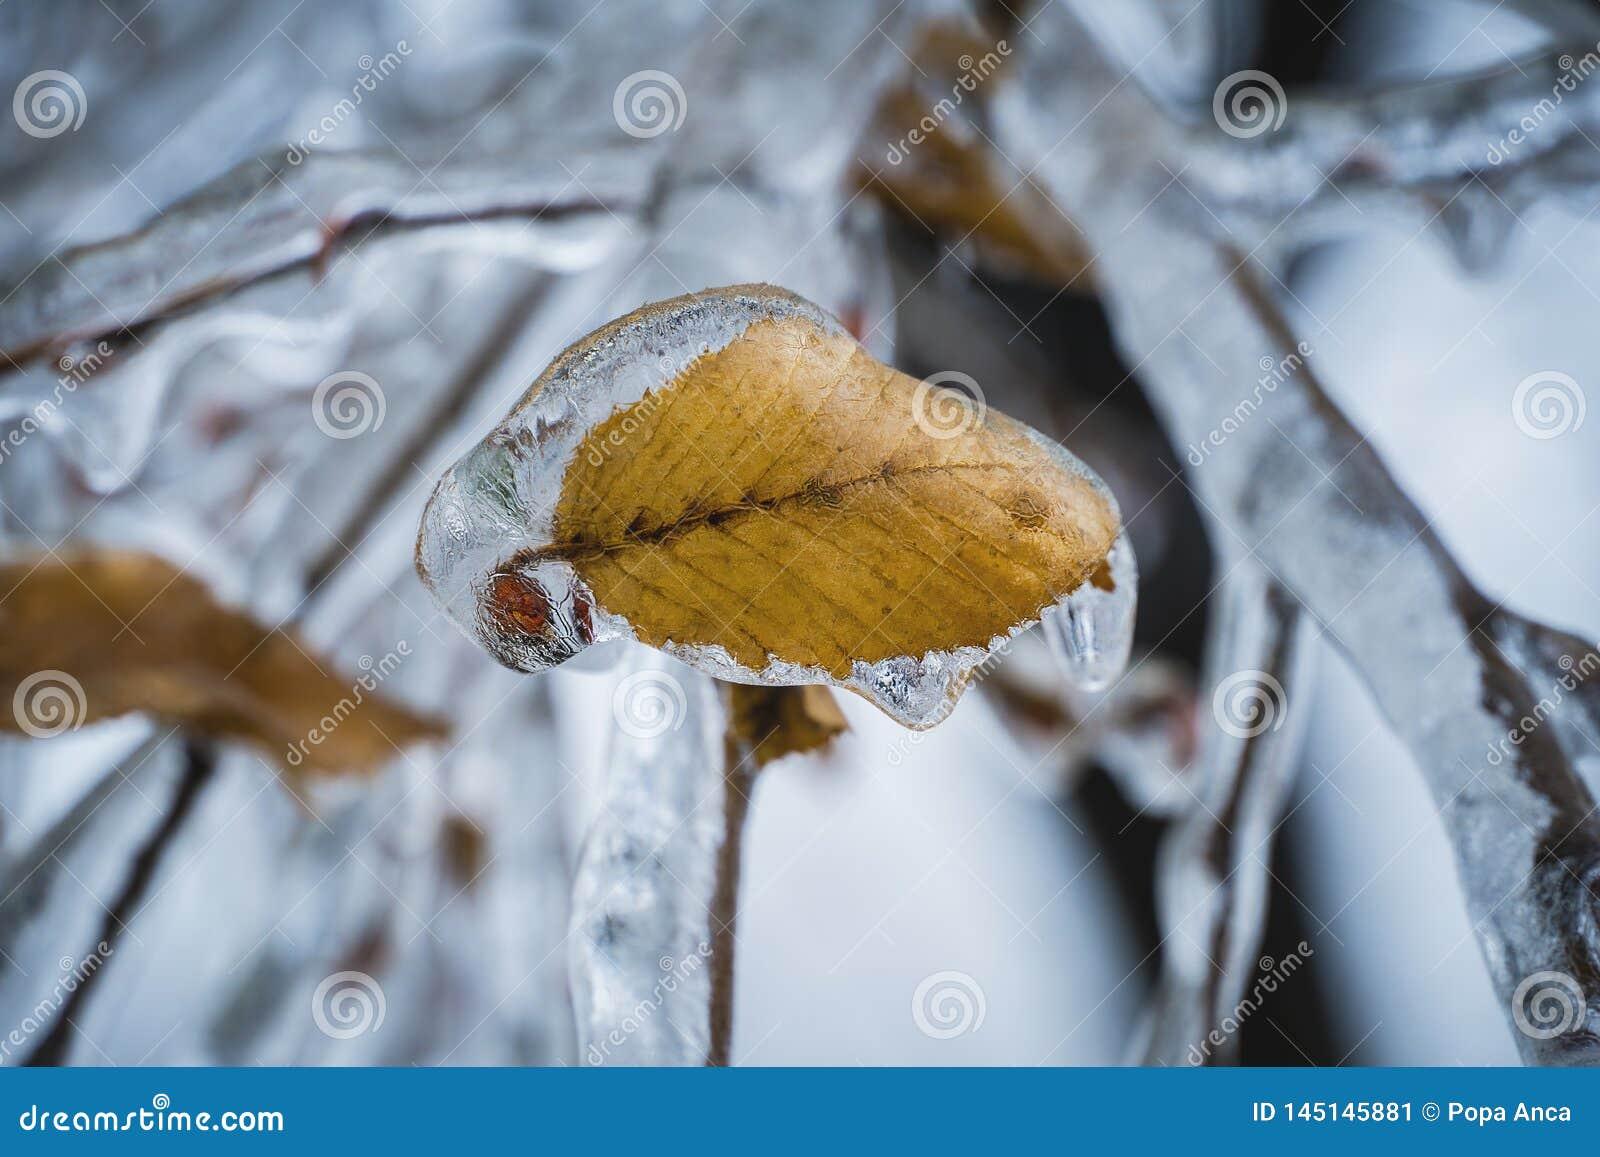 Zakończenie w górę pięknego żółtego jesień liścia konserwującego w krysztale - jasny lód po zamarzniętego deszczu